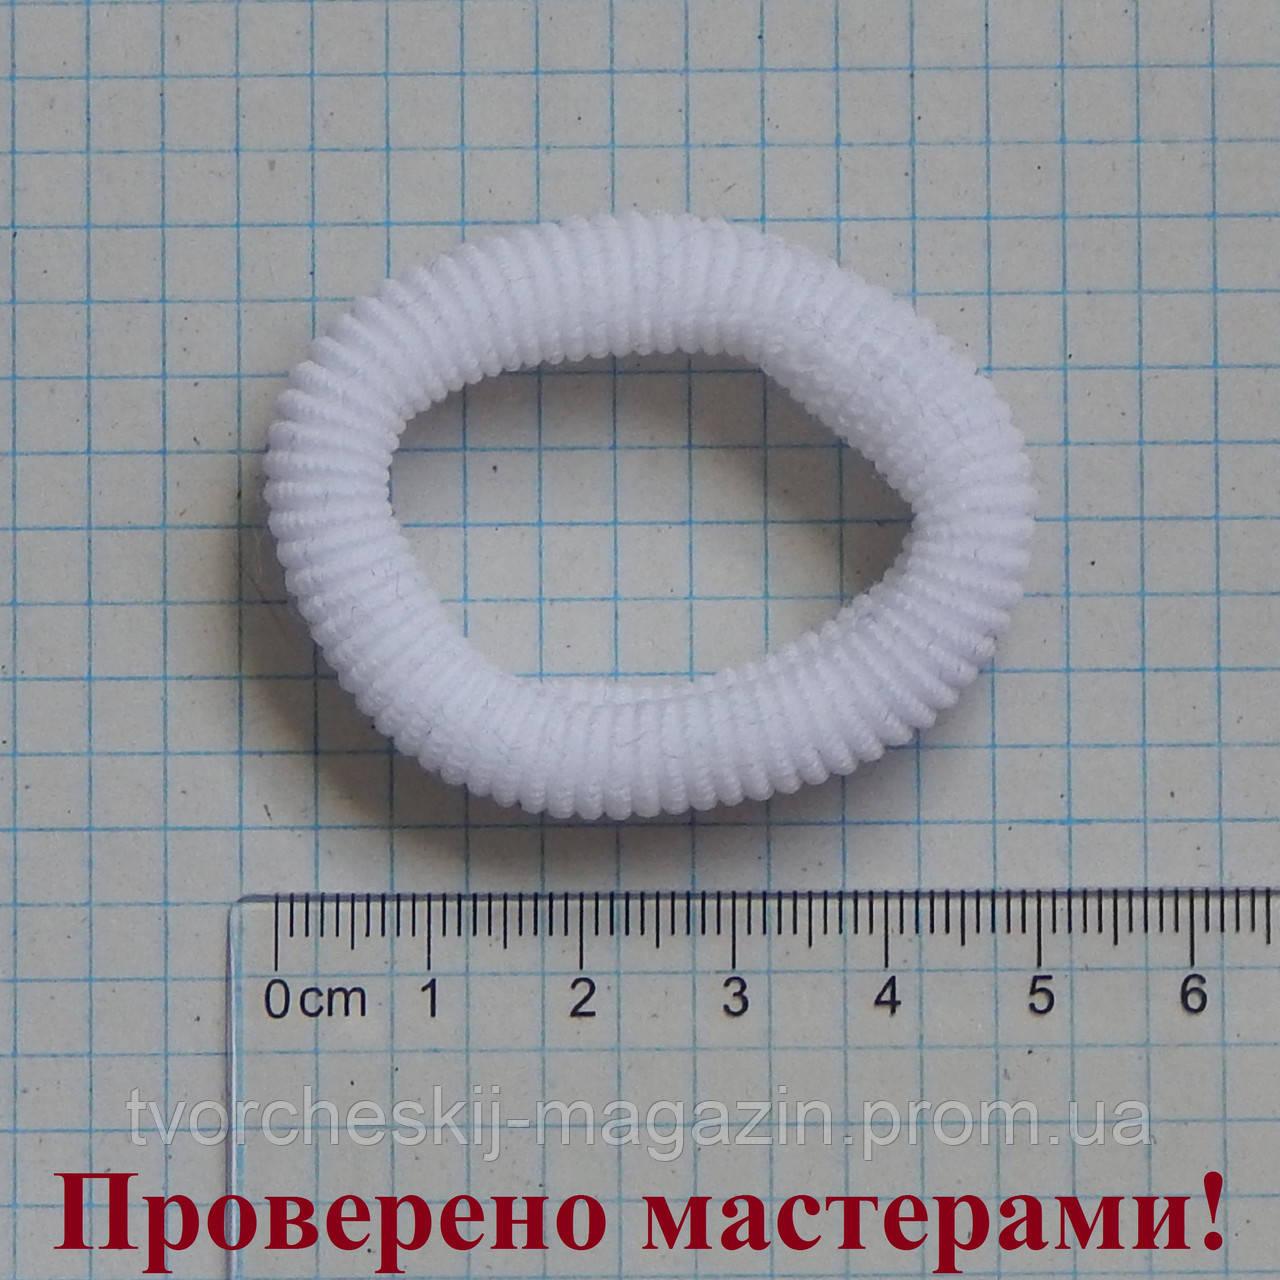 Резинка для волос 5 см диаметр, белая, 1 шт